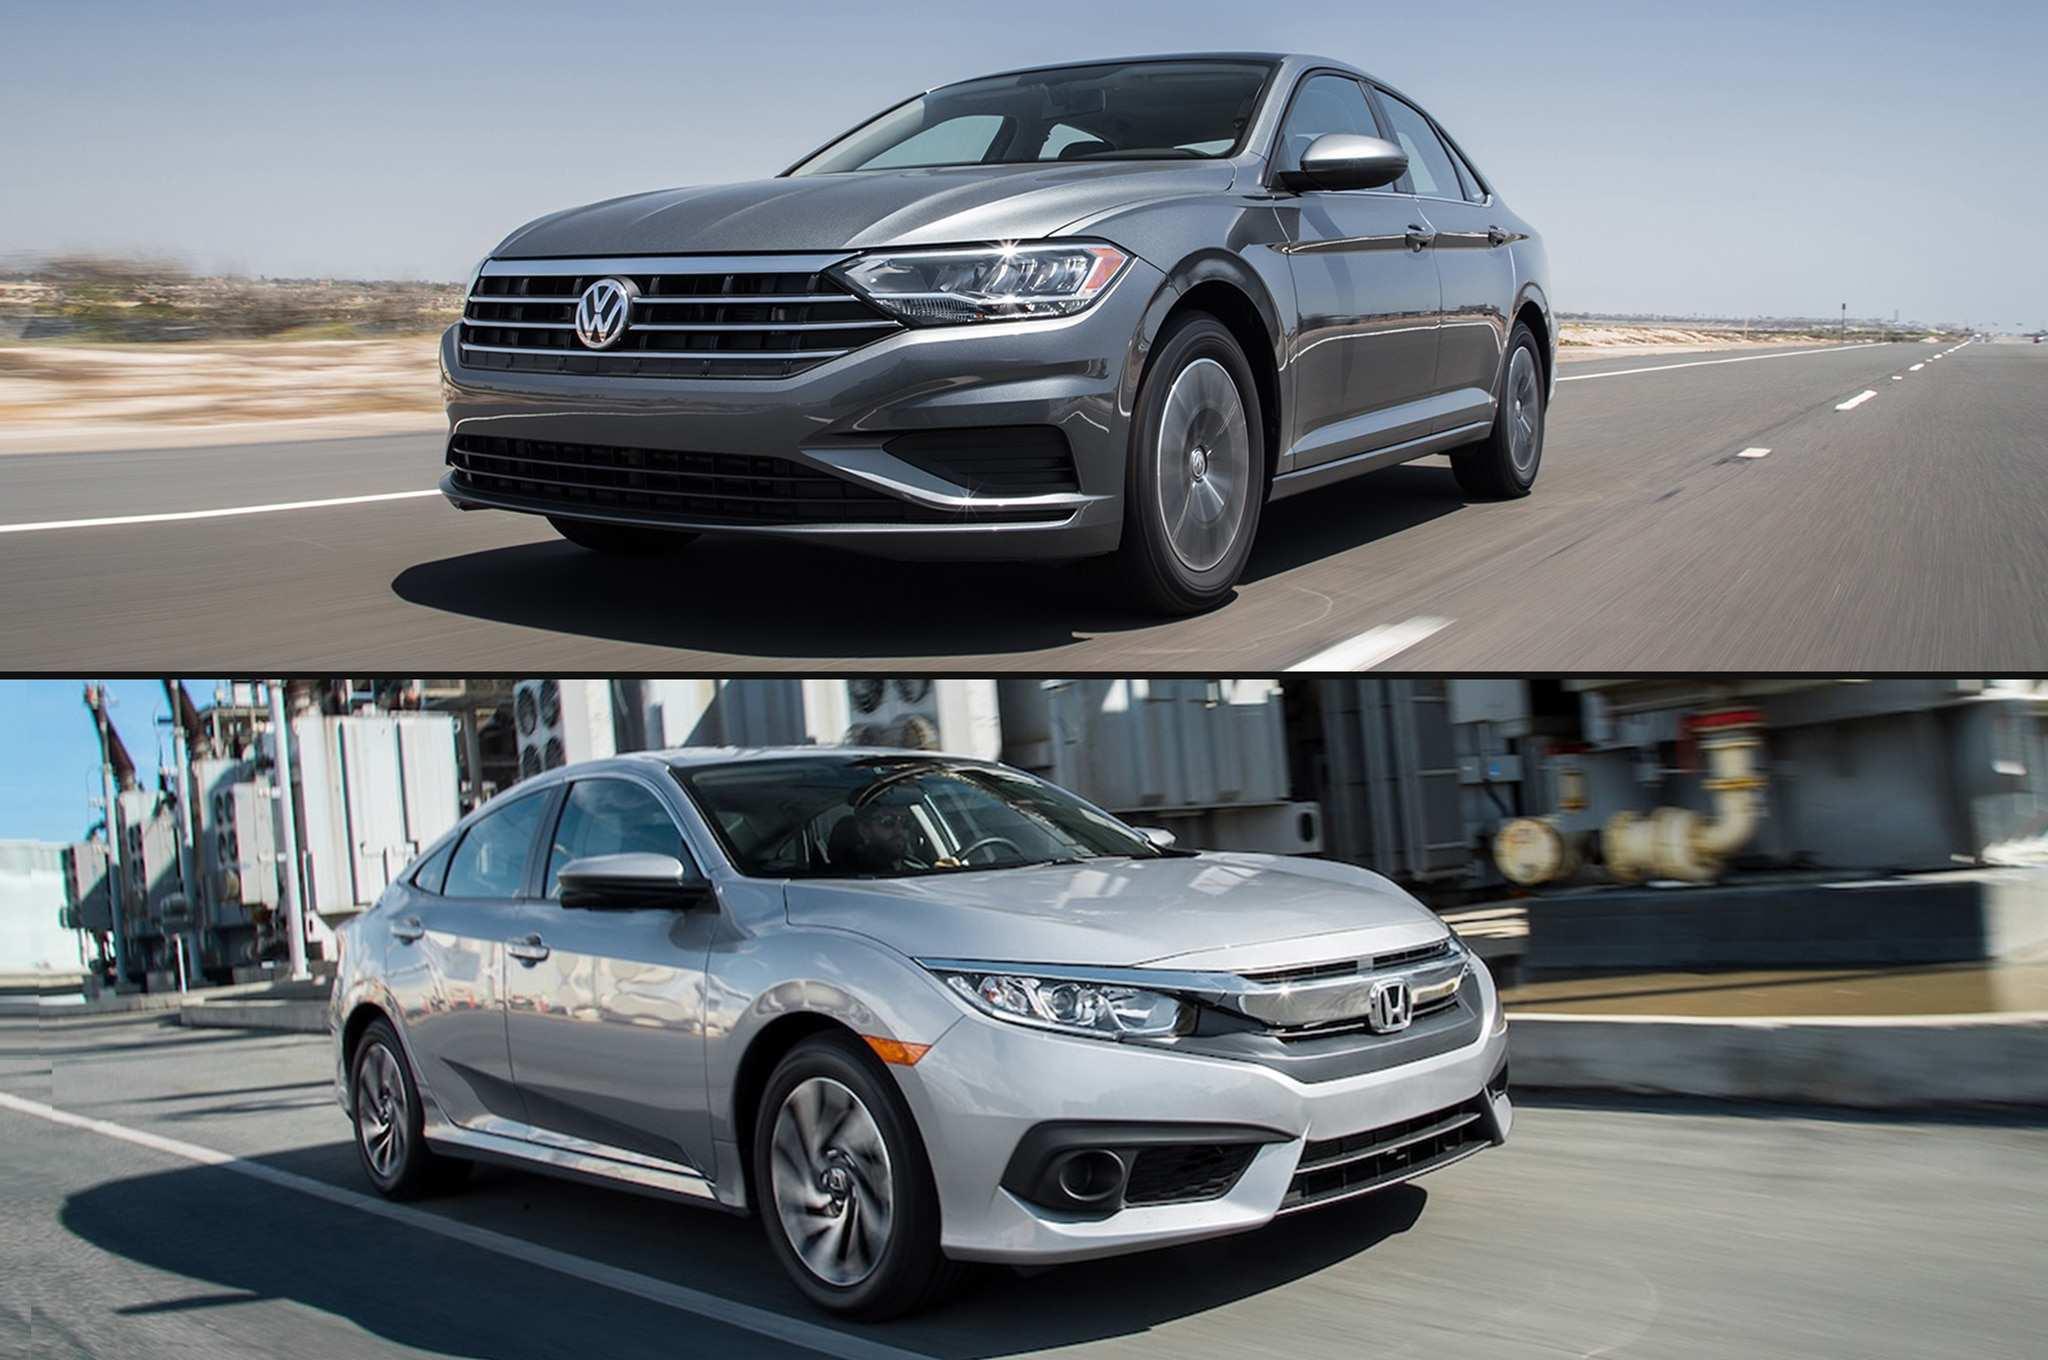 32 The 2020 Volkswagen Jetta Vs Honda Civic Model by 2020 Volkswagen Jetta Vs Honda Civic